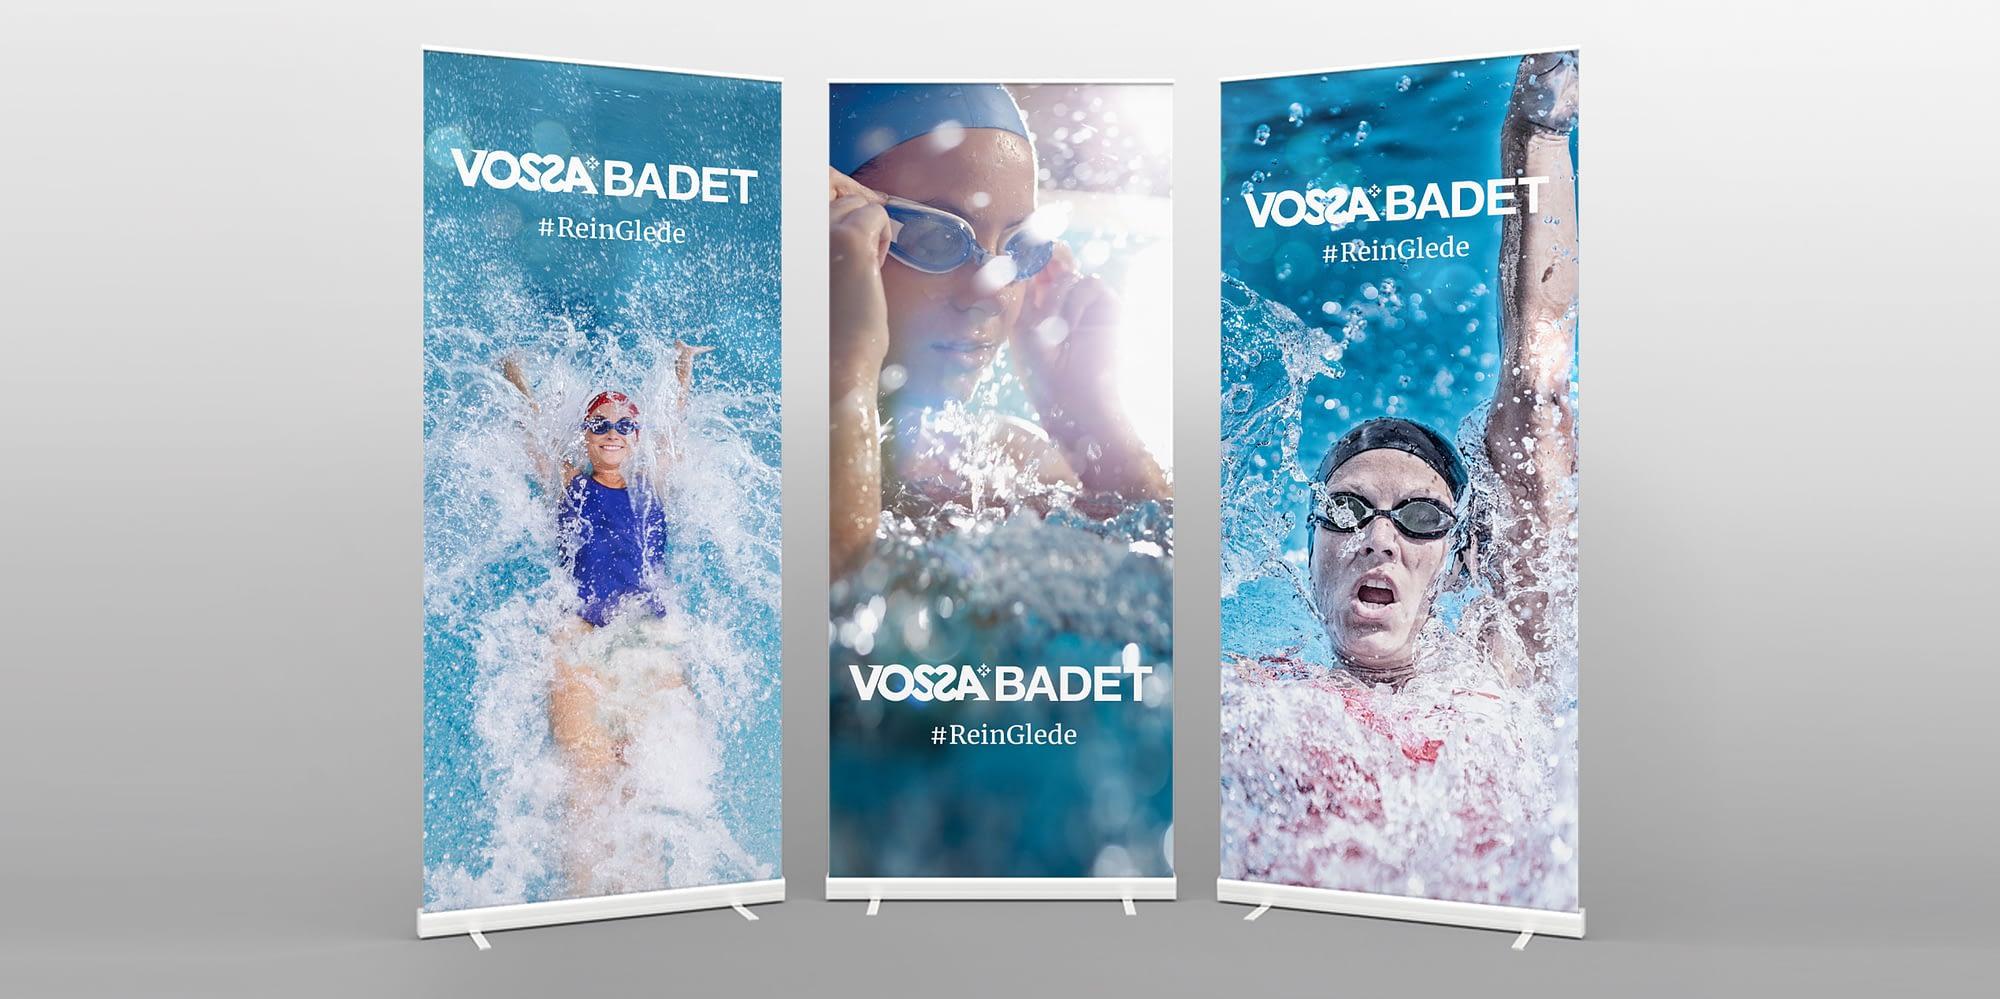 Proff rollup med logo for firma og kommune voss designet av reklamebyrå